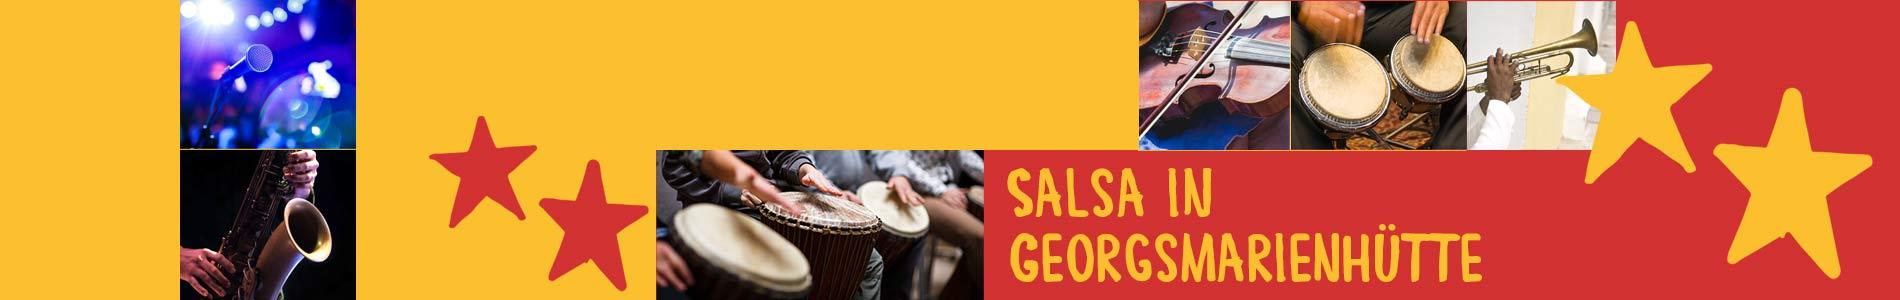 Salsa in Georgsmarienhütte – Salsa lernen und tanzen, Tanzkurse, Partys, Veranstaltungen